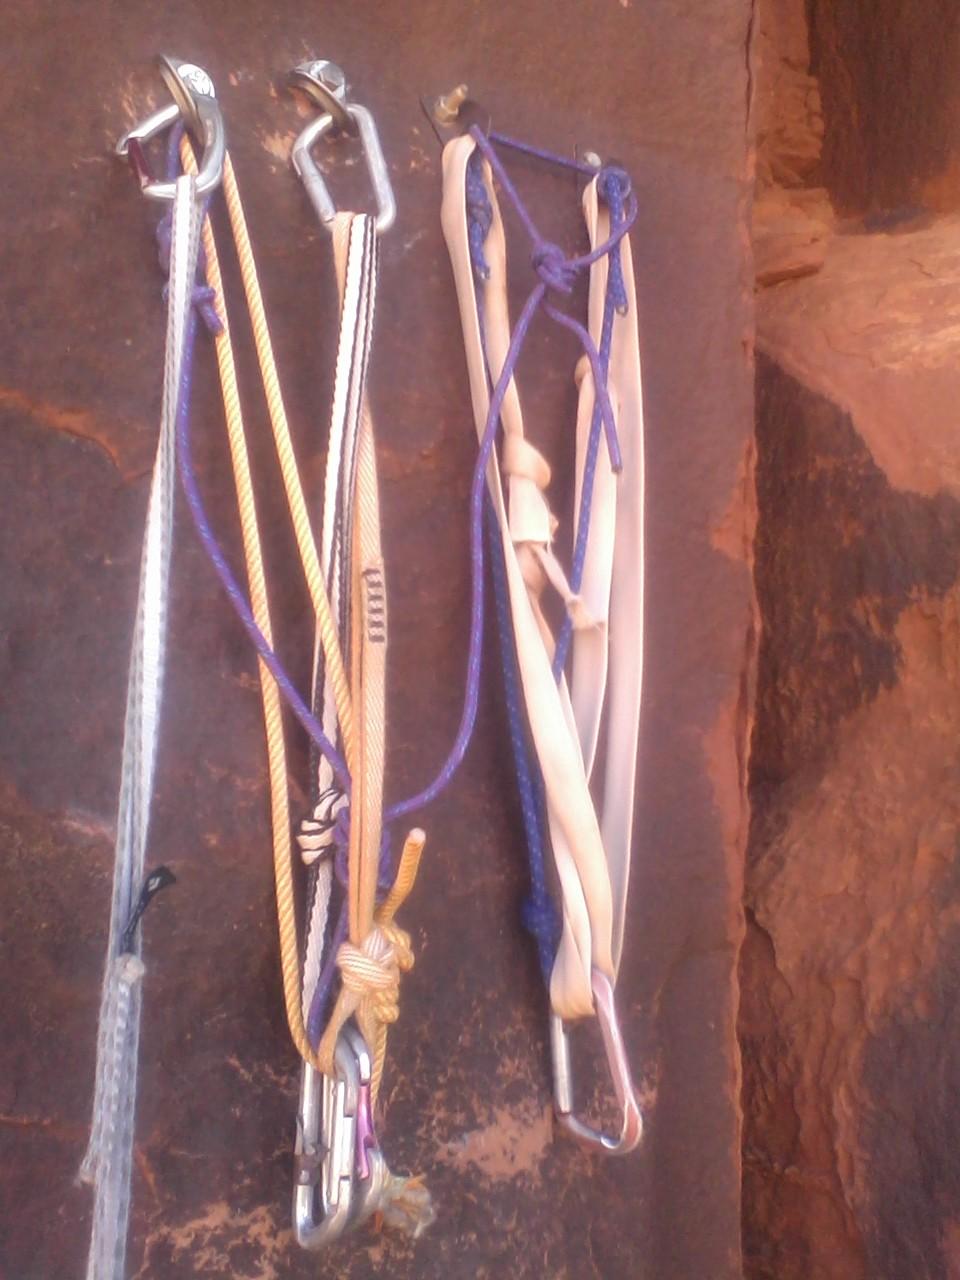 Jive Ass Leeper Hanger Bolt Anchor Jive Ass Anchors